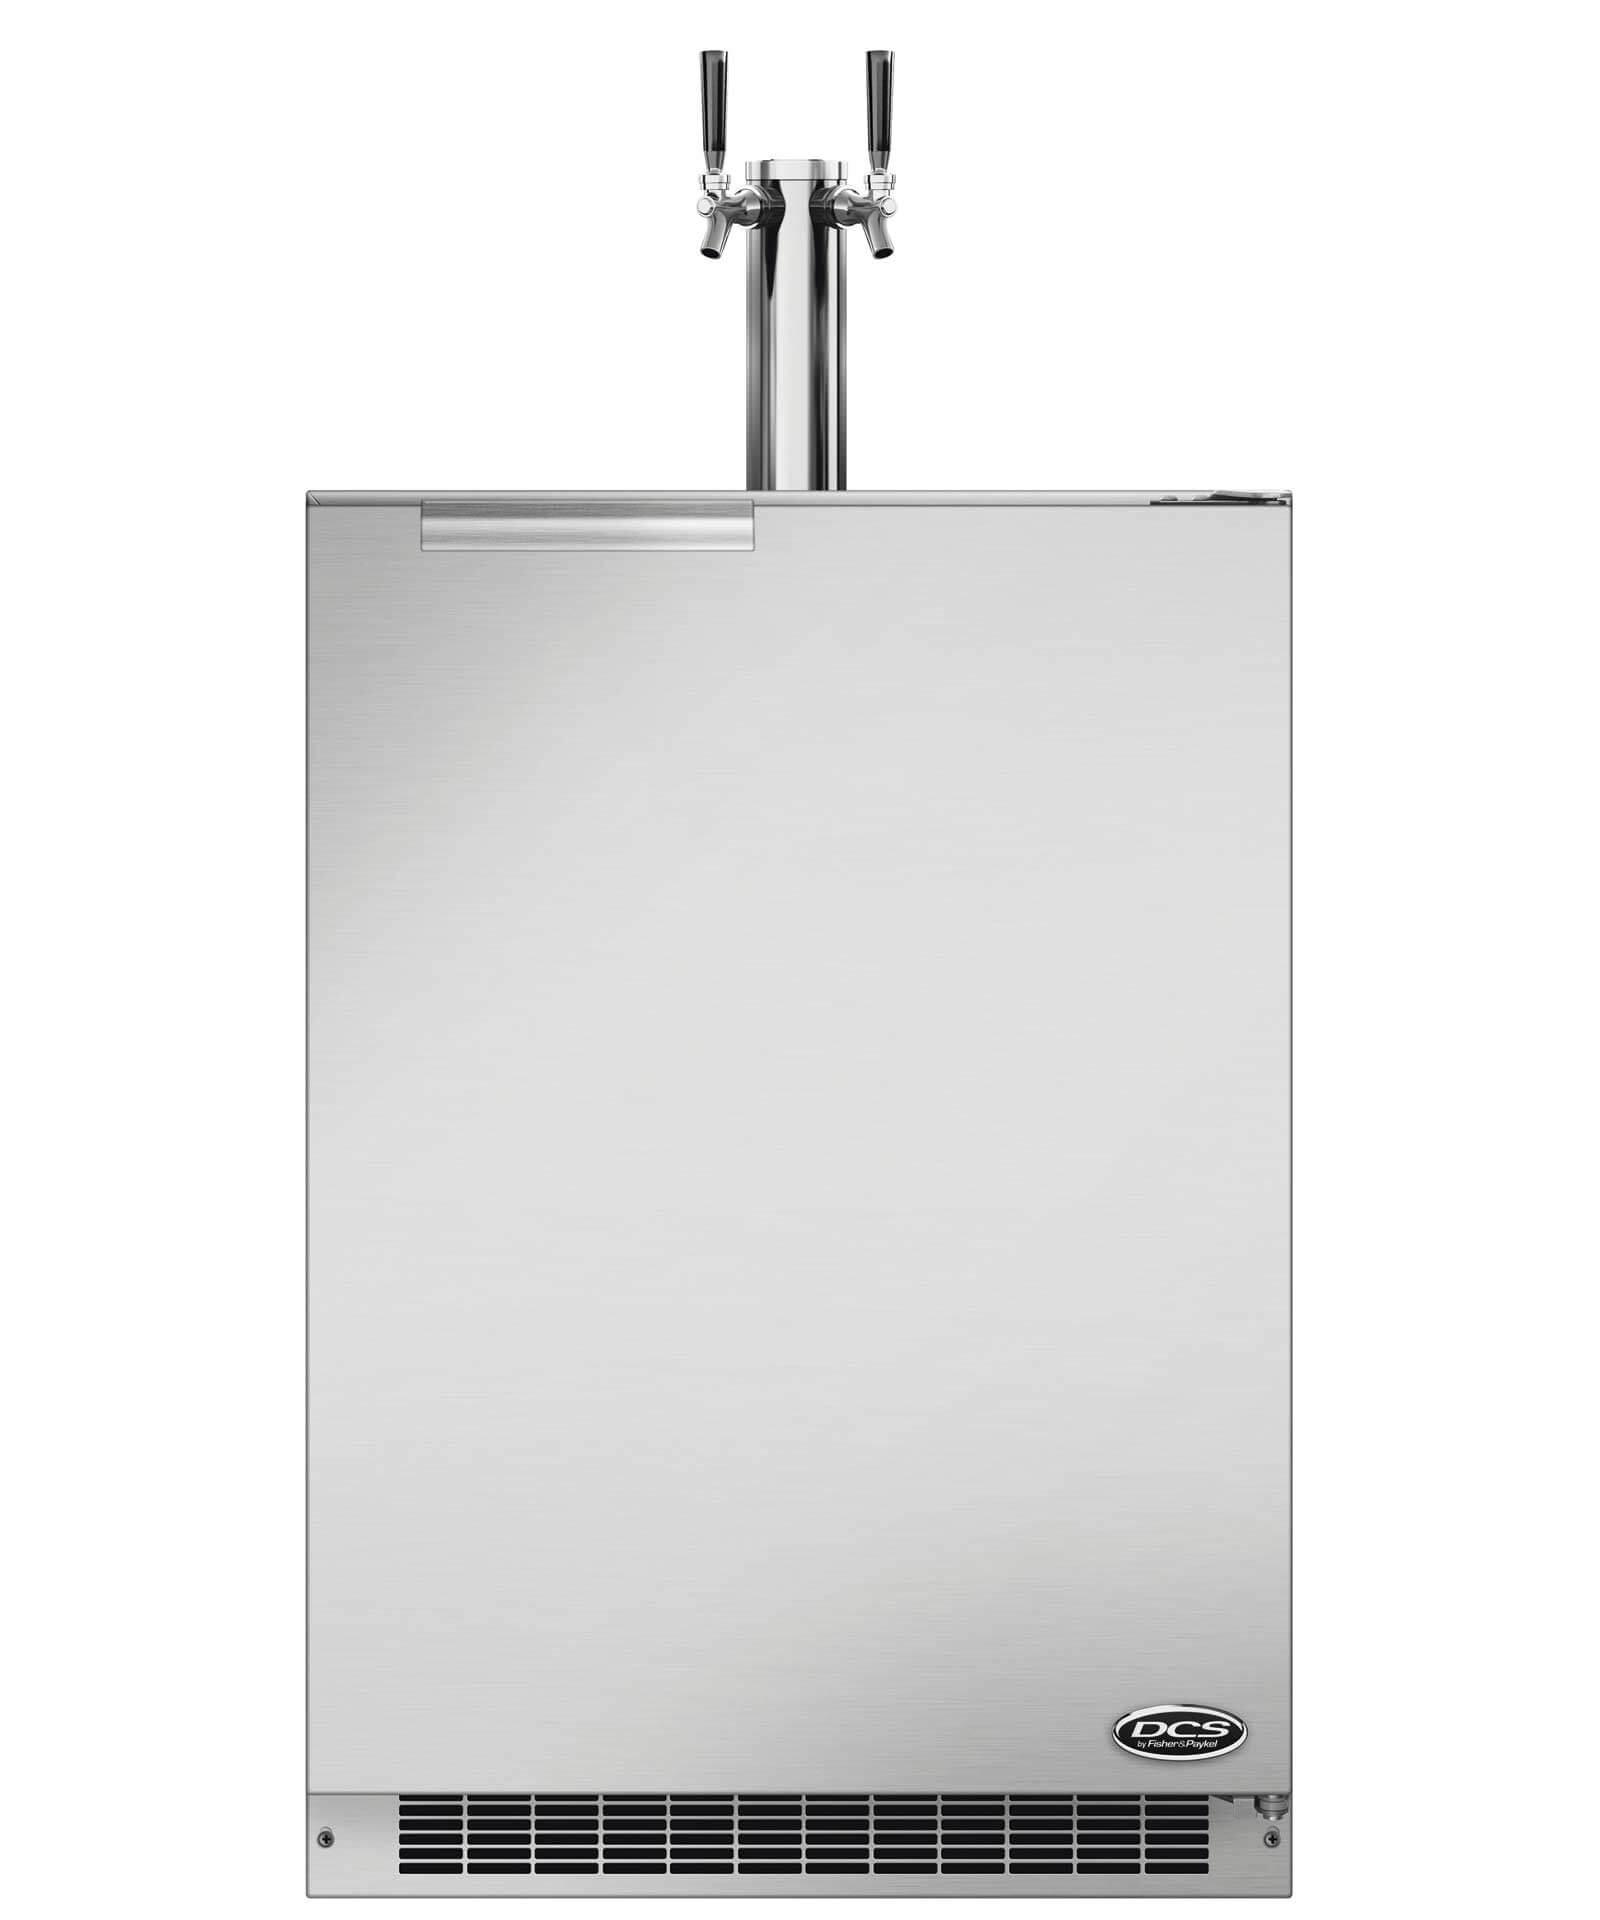 """DCS 24"""" Outdoor Beer Dispenser - Dual Tap"""